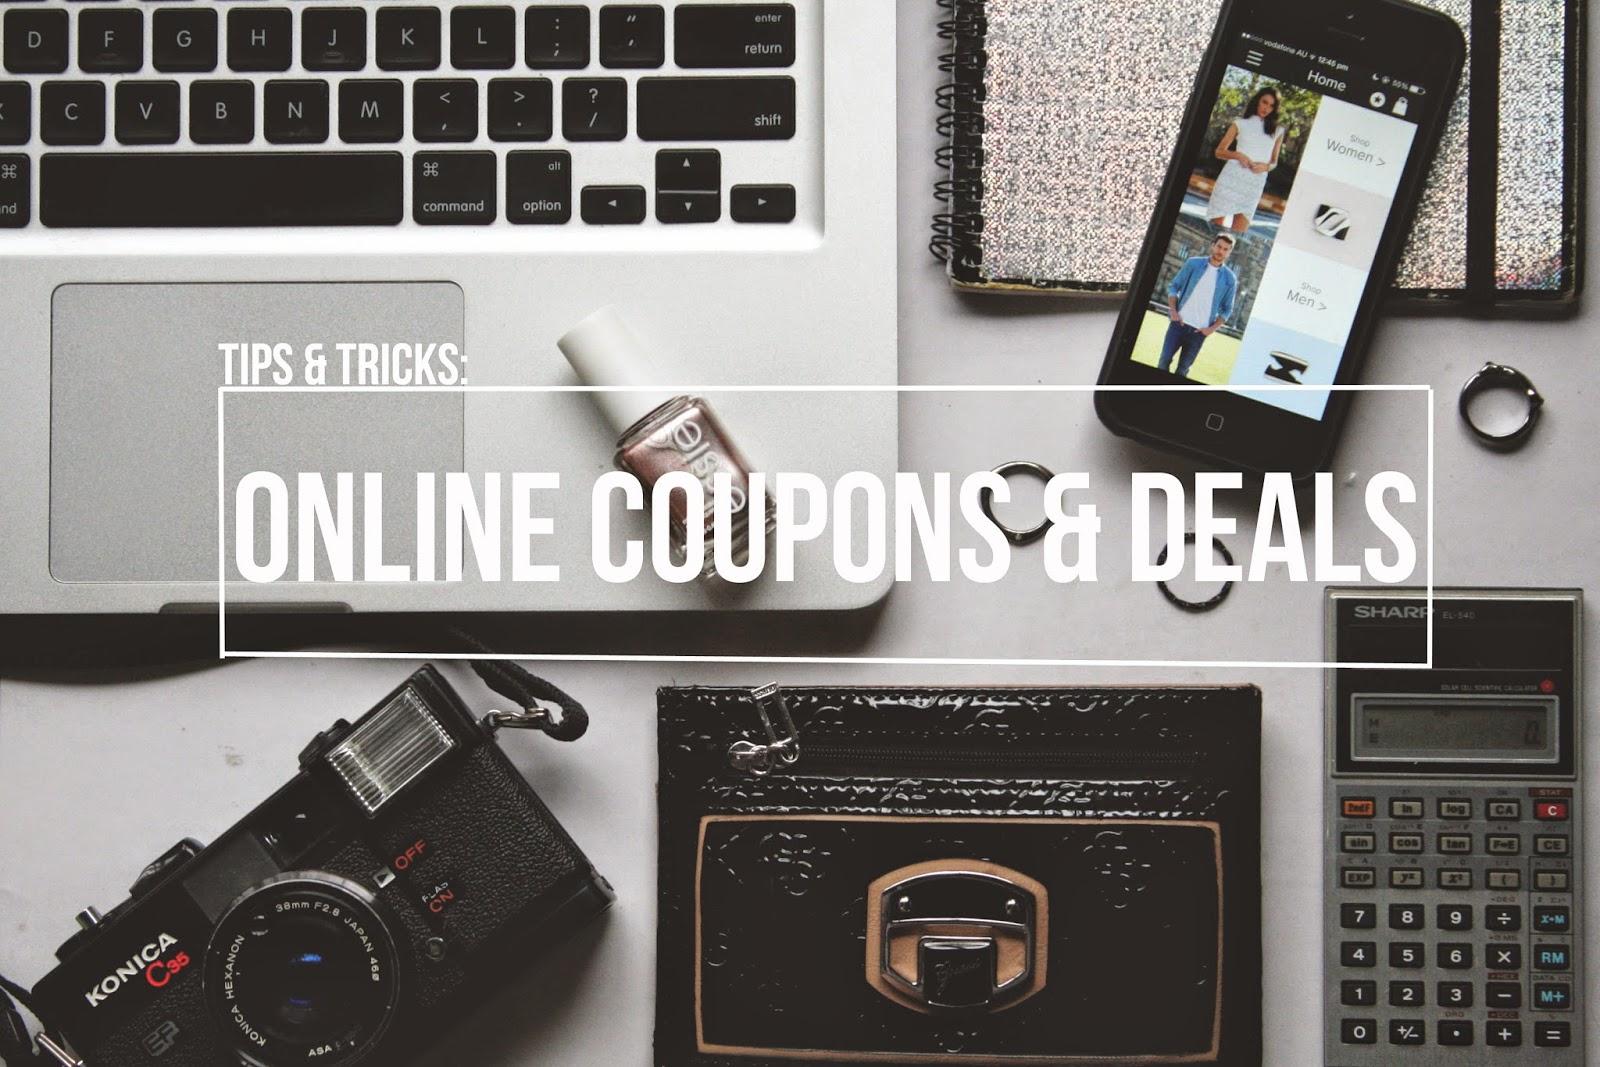 Big deal 4 u coupon code